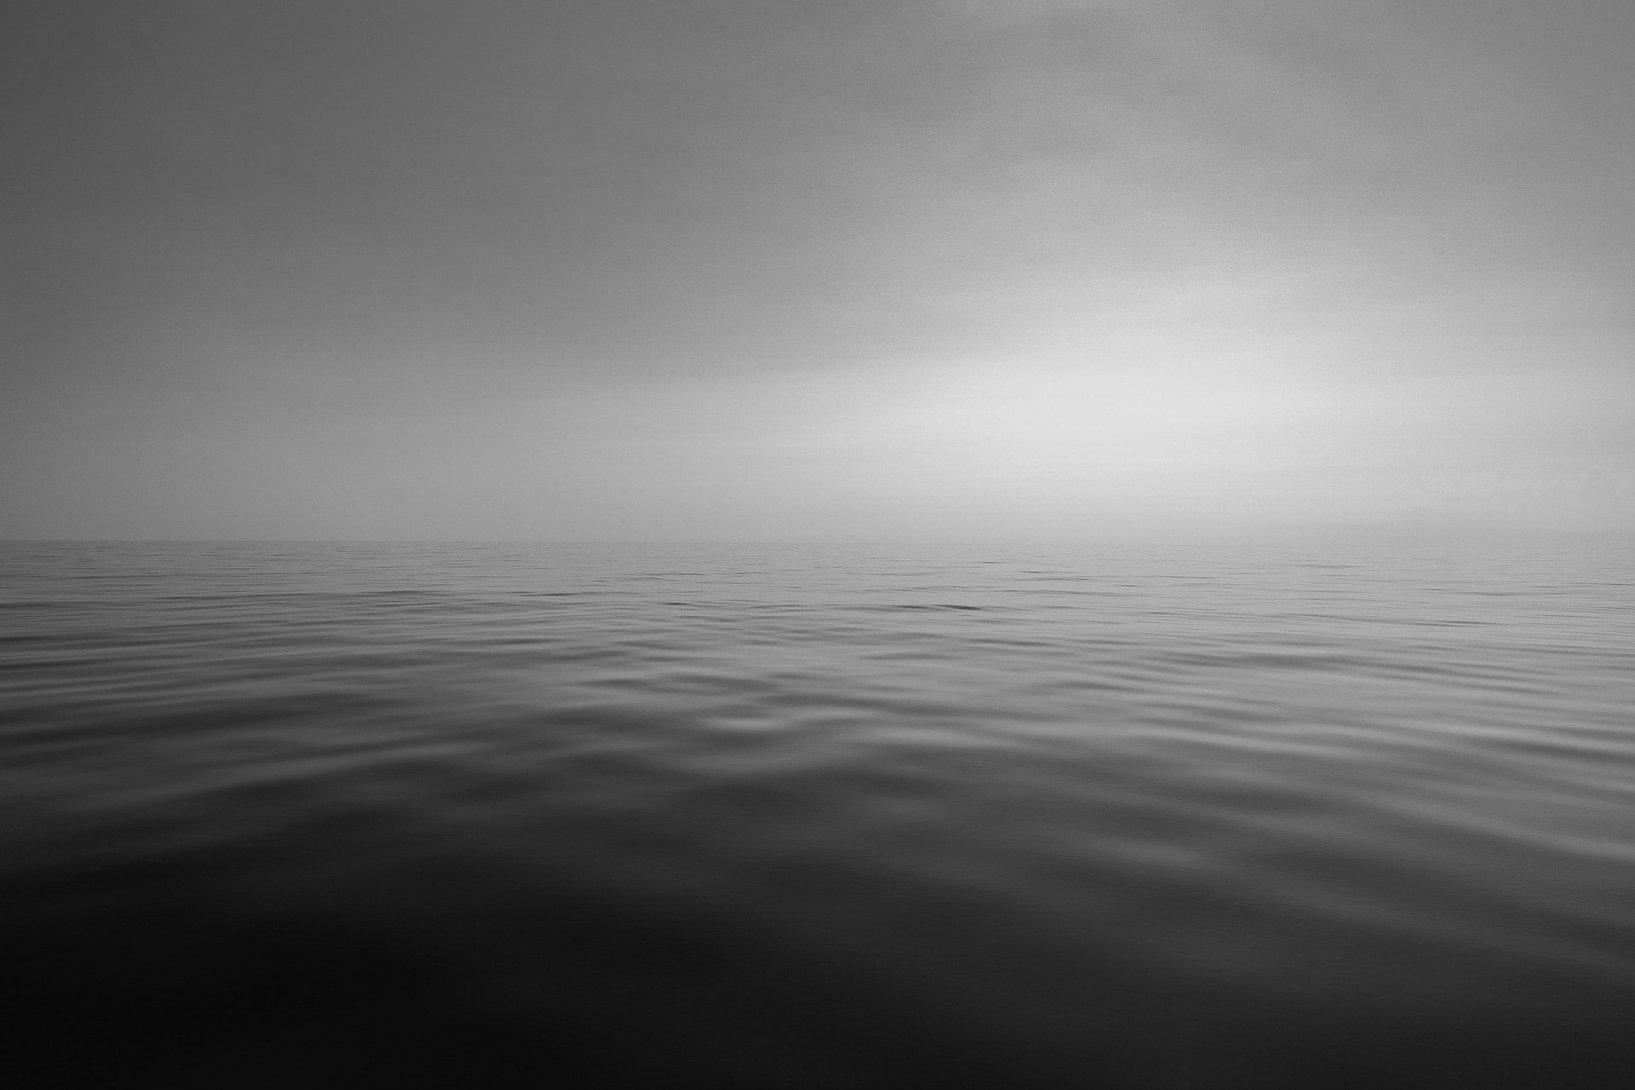 sea-3652697_1920_edited.jpg